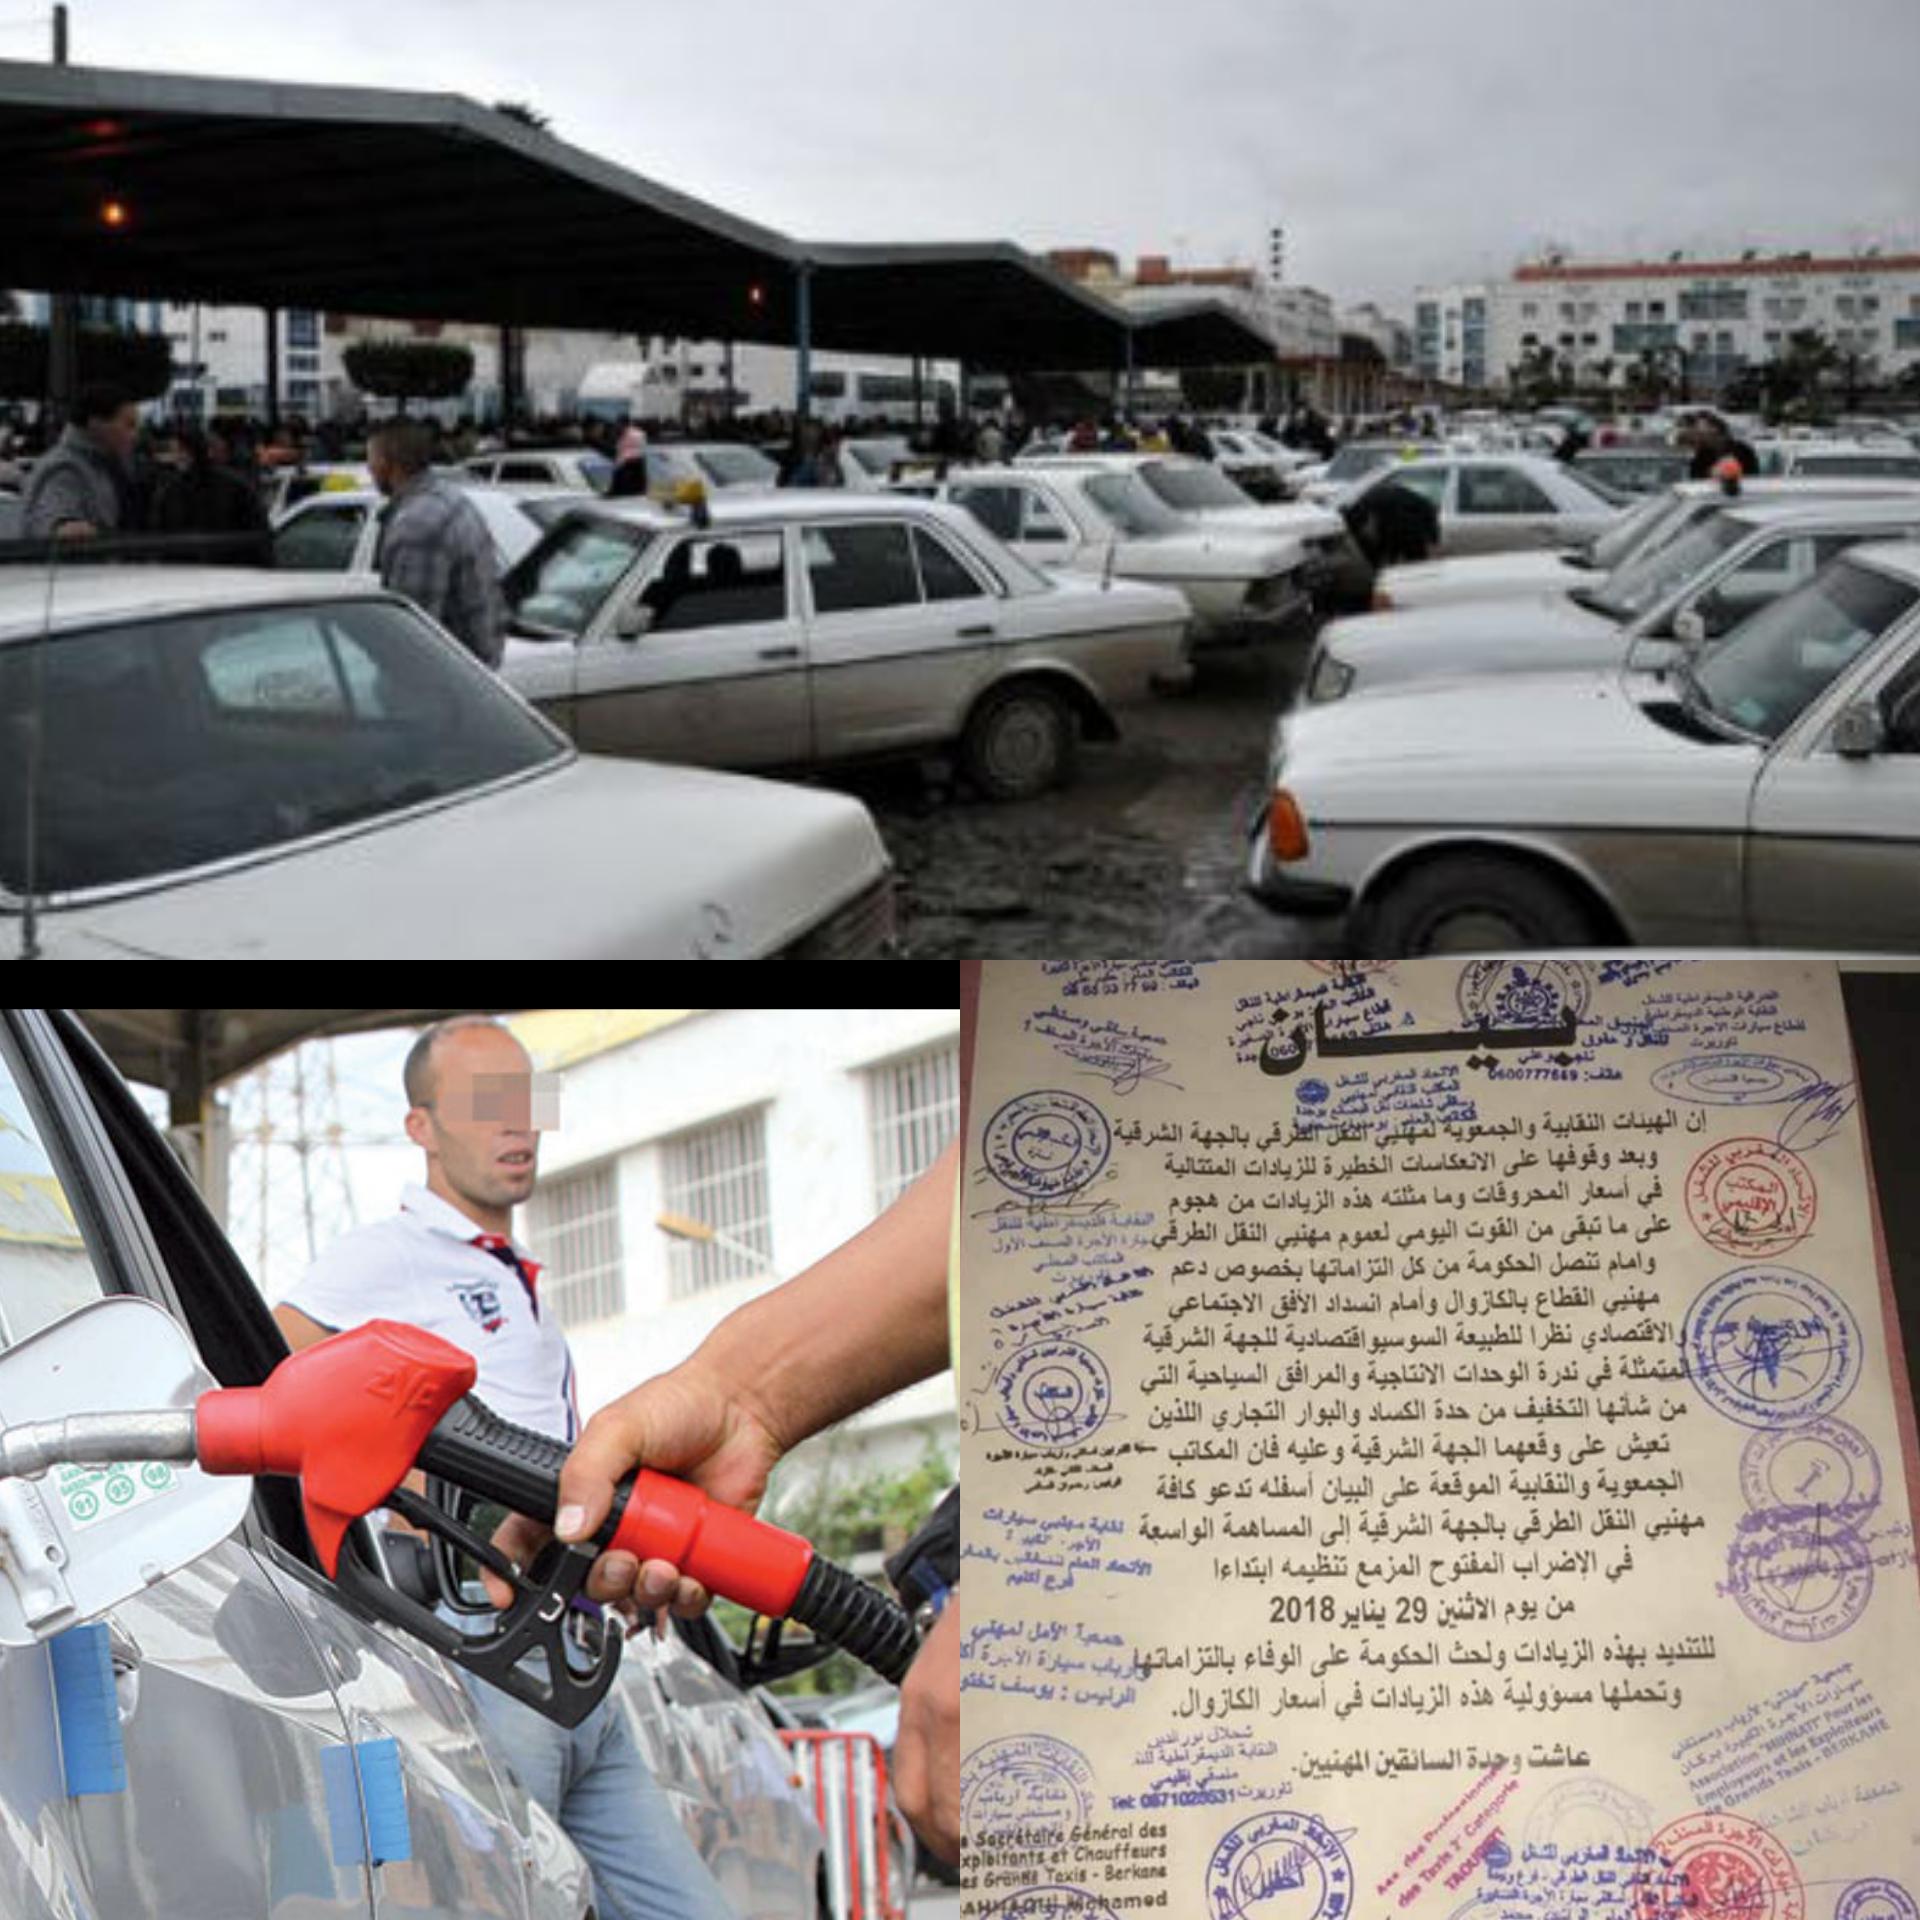 مهنيو النقل الطرقي بالجهة الشرقية يدعون إلى اضراب مفتوح بسبب ارتفاع أسعار المحروقات